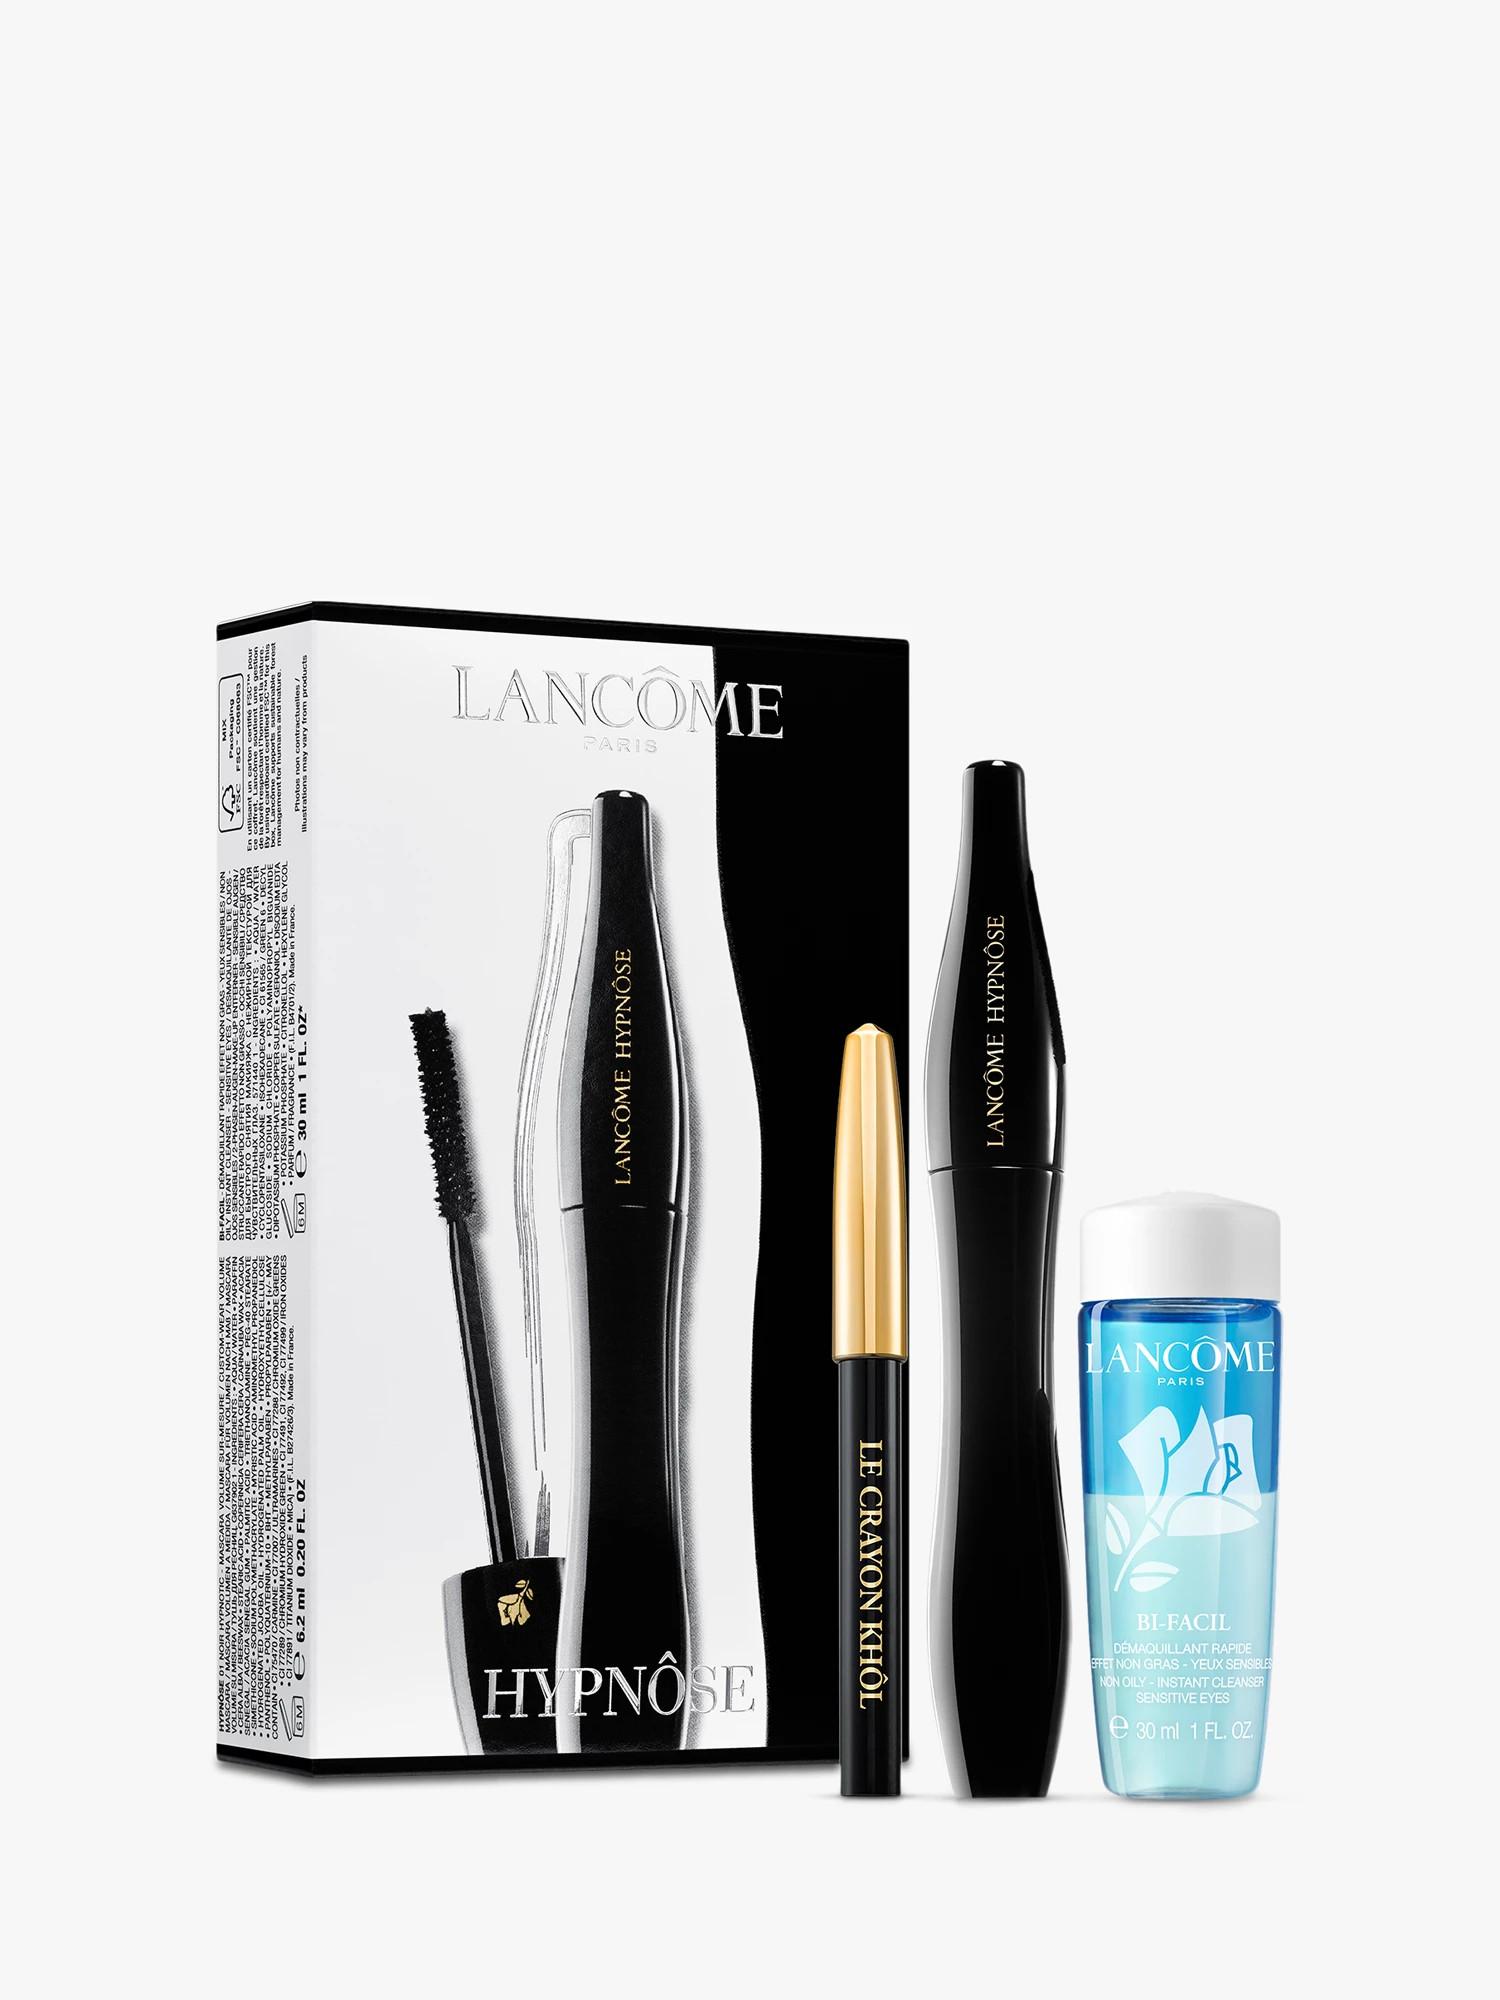 Lancôme Hypnose Mascara Makeup Gift Set